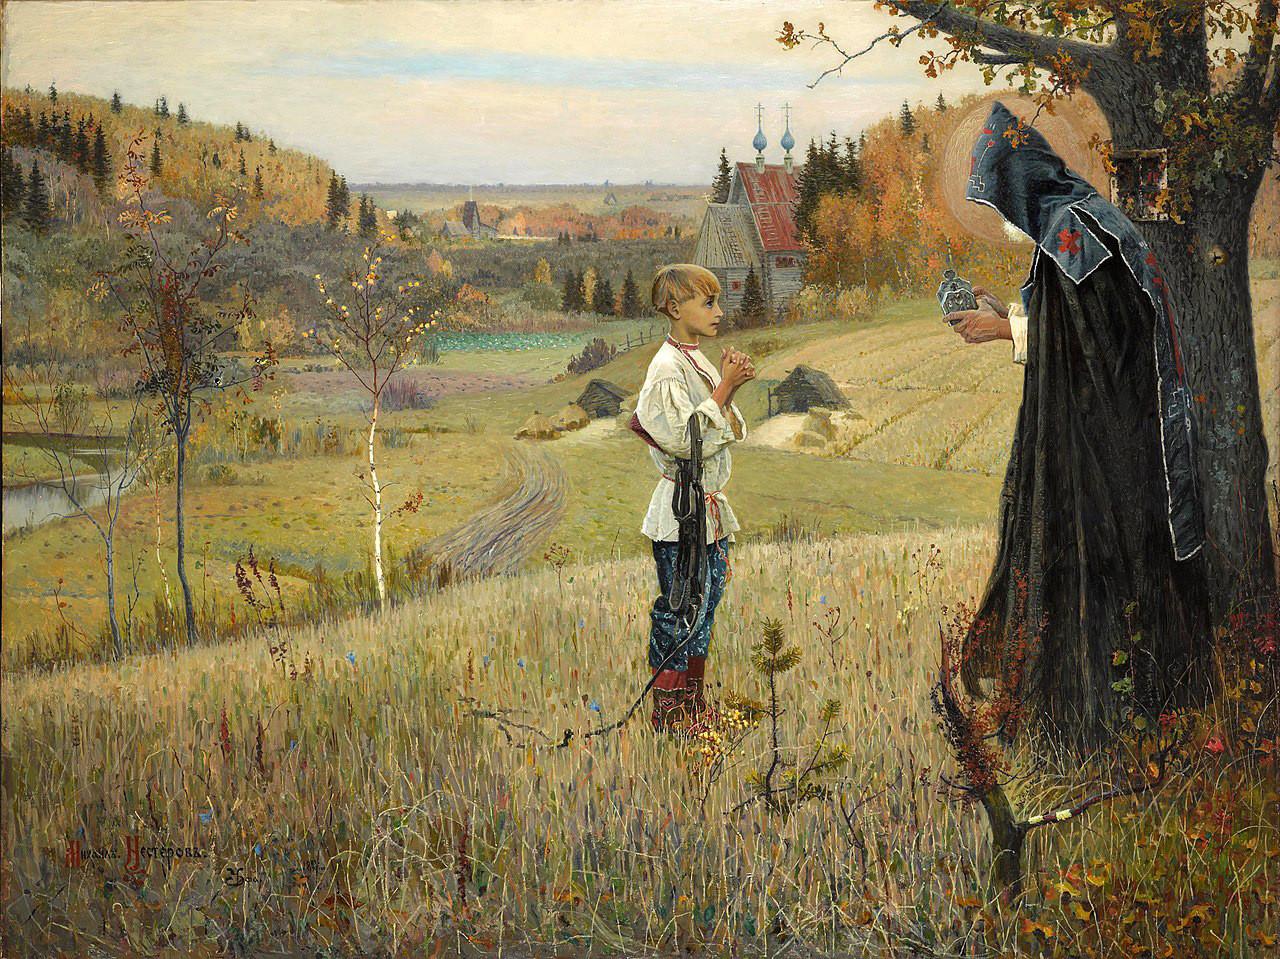 Die Vision von den Junge Bartholomäus von Michail Nesterow, 1890